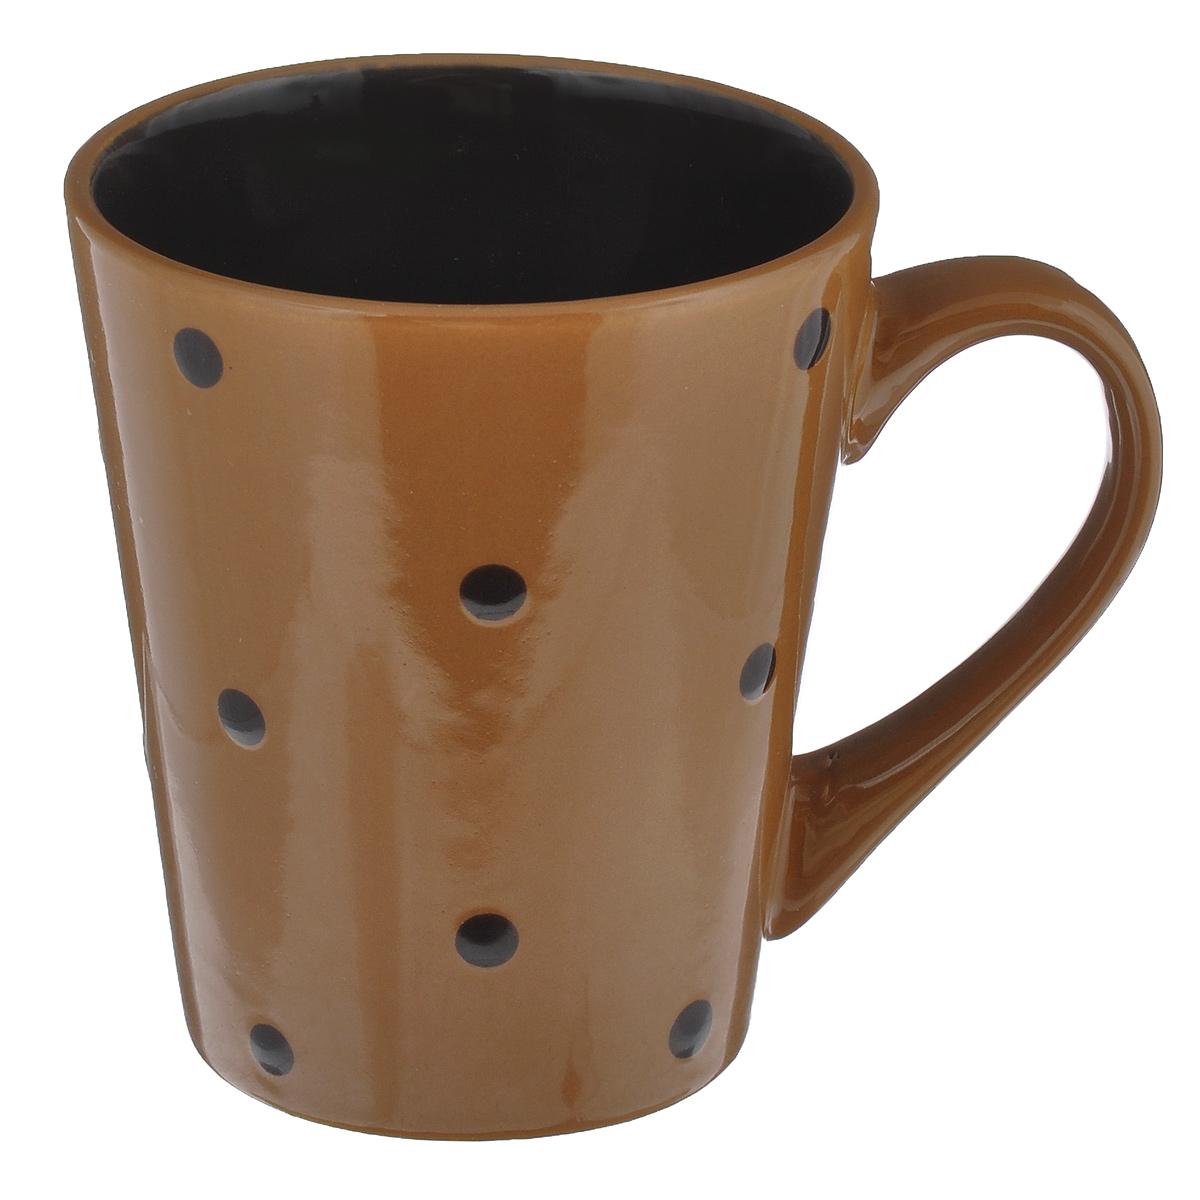 Кружка Горошек, цвет: светло-коричневый, 300 млHV95506BR светло-коричневыйКружка Горошек изготовлена из высококачественной керамики. Первоклассная глина, двухступенчатый обжиг, мягкие краски и простой контрастный рисунок в горошек на глянцевой поверхности - отличительные особенности данного изделия. Такая кружка прекрасно подойдет для горячих напитков. Она дополнит коллекцию вашей кухонной посуды и будет служить долгие годы. Можно использовать в посудомоечной машине и СВЧ. Поверхность не царапается при щадящем мытье, без использования абразивов и химически агрессивных моющих средств. Объем: 300 мл. Диаметр кружки (по верхнему краю): 8 см. Высота стенки кружки: 10,5 см.